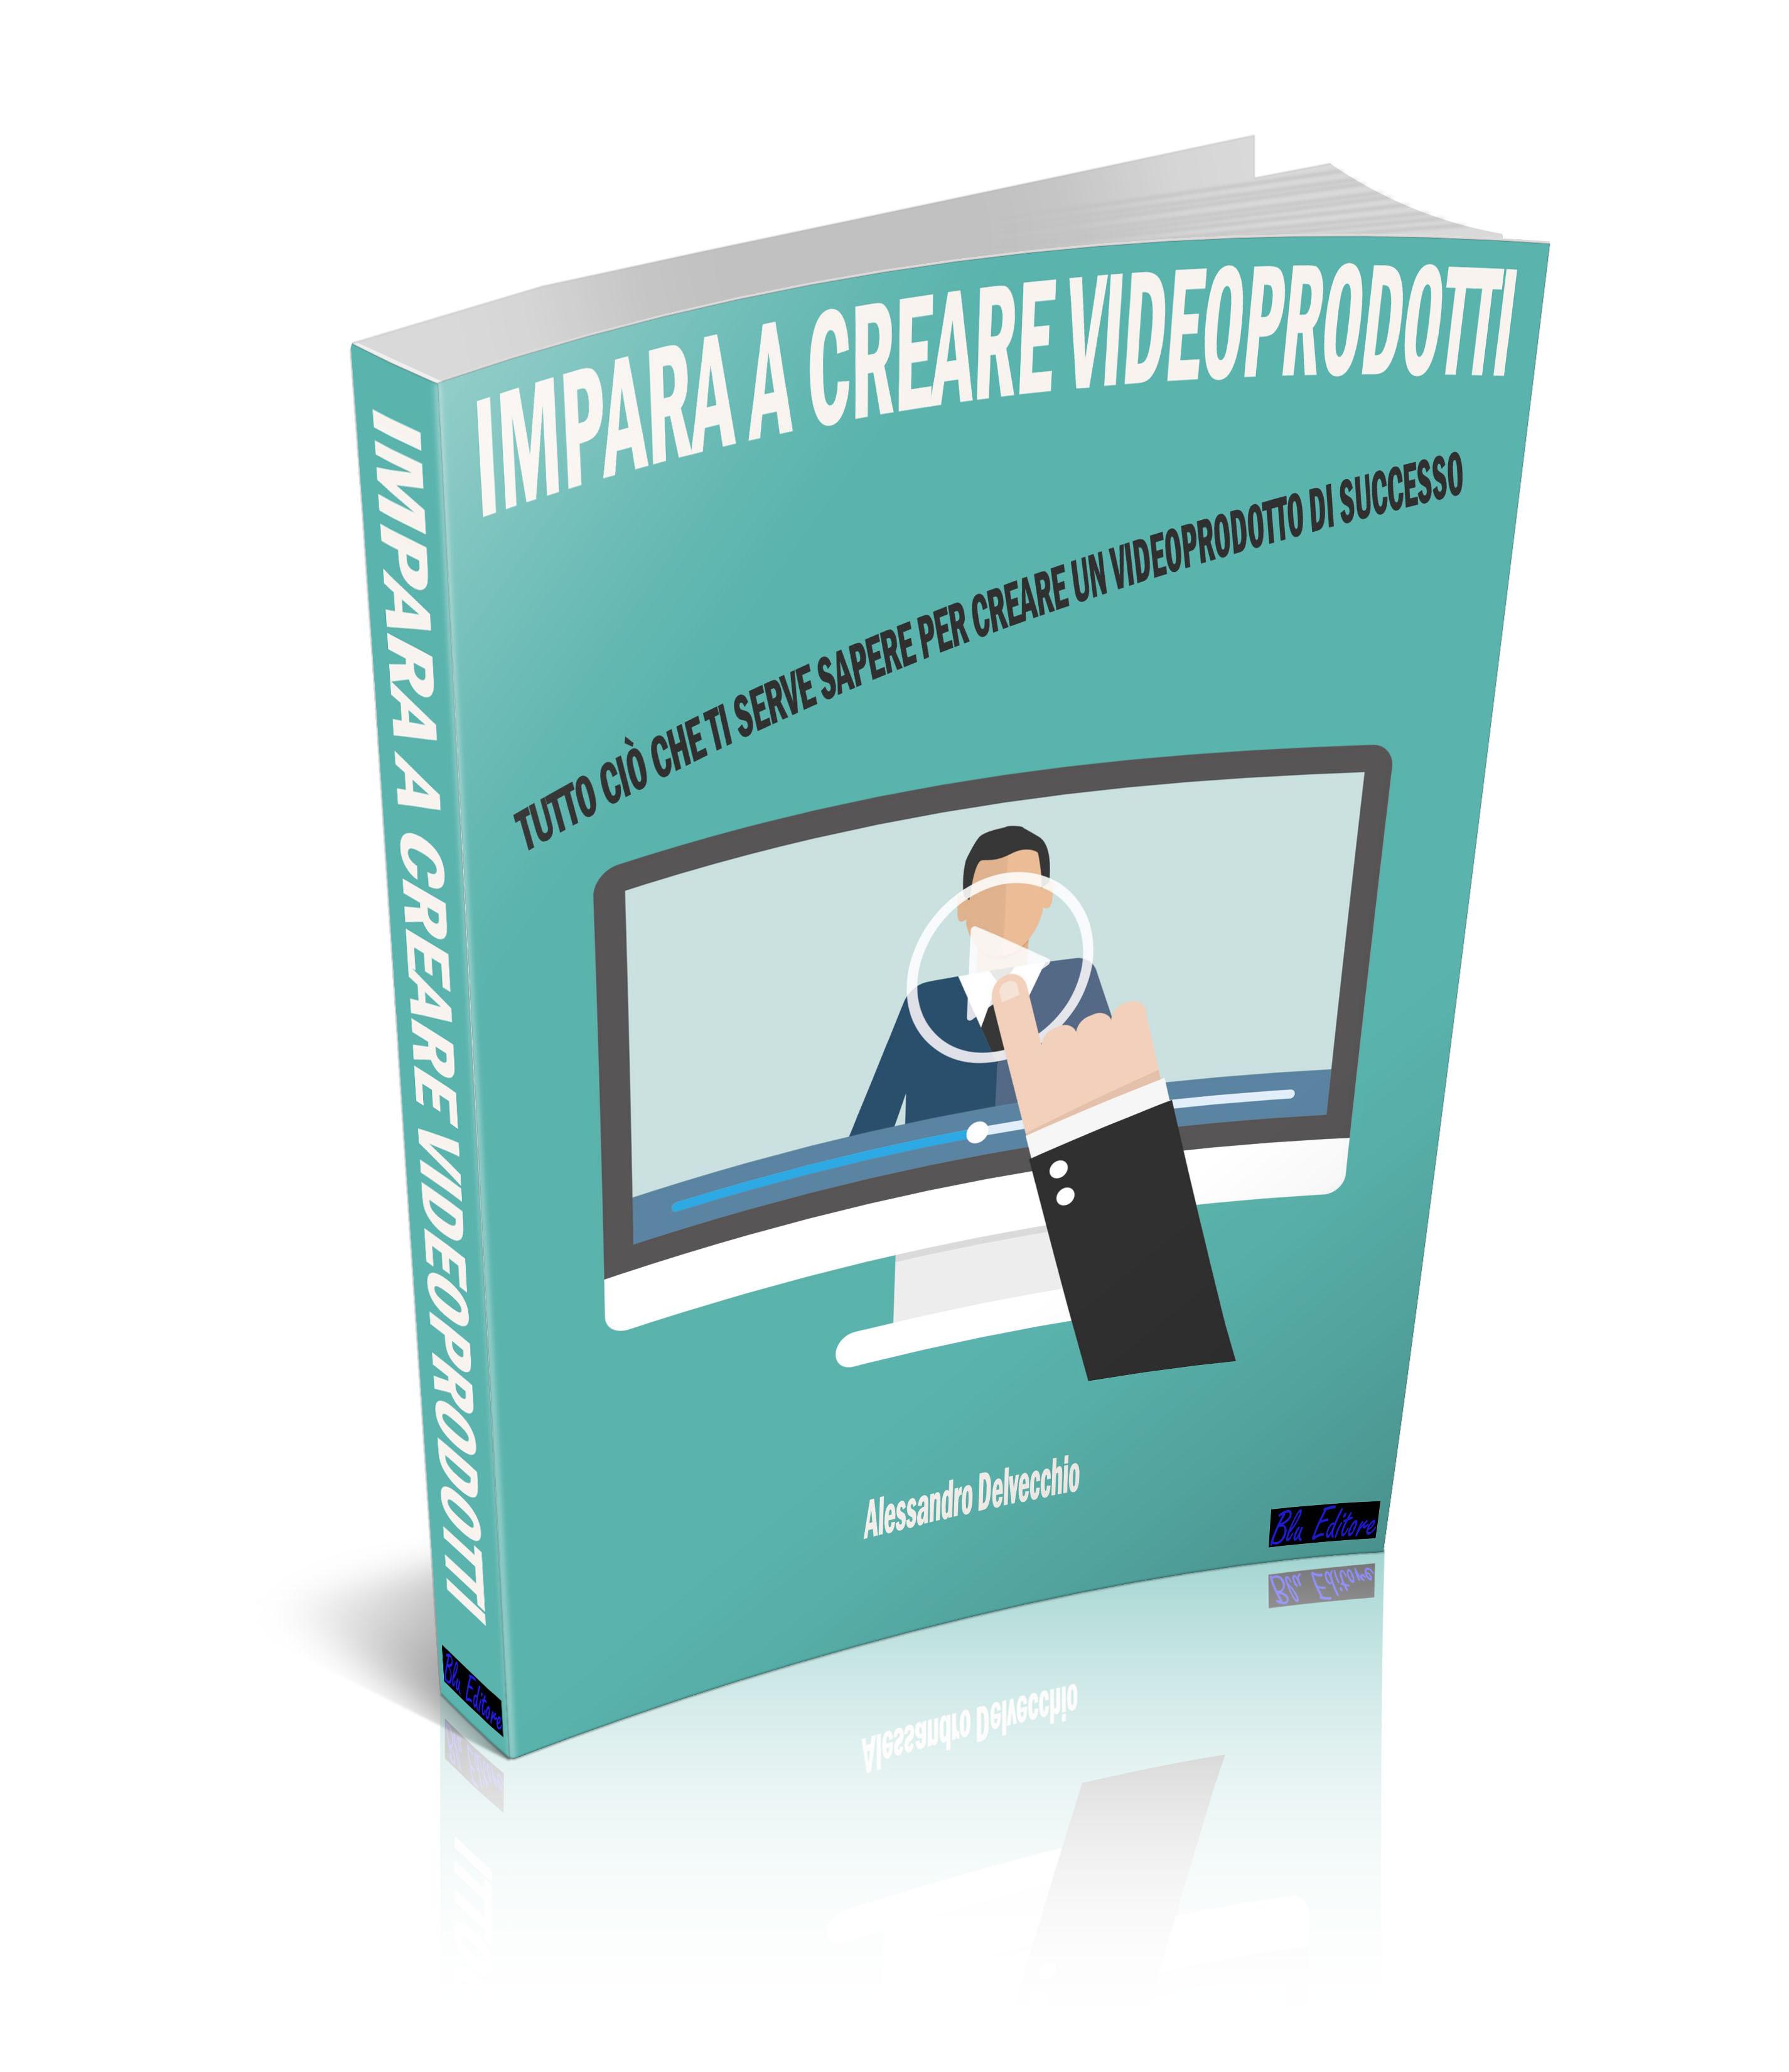 creare videoprodotti